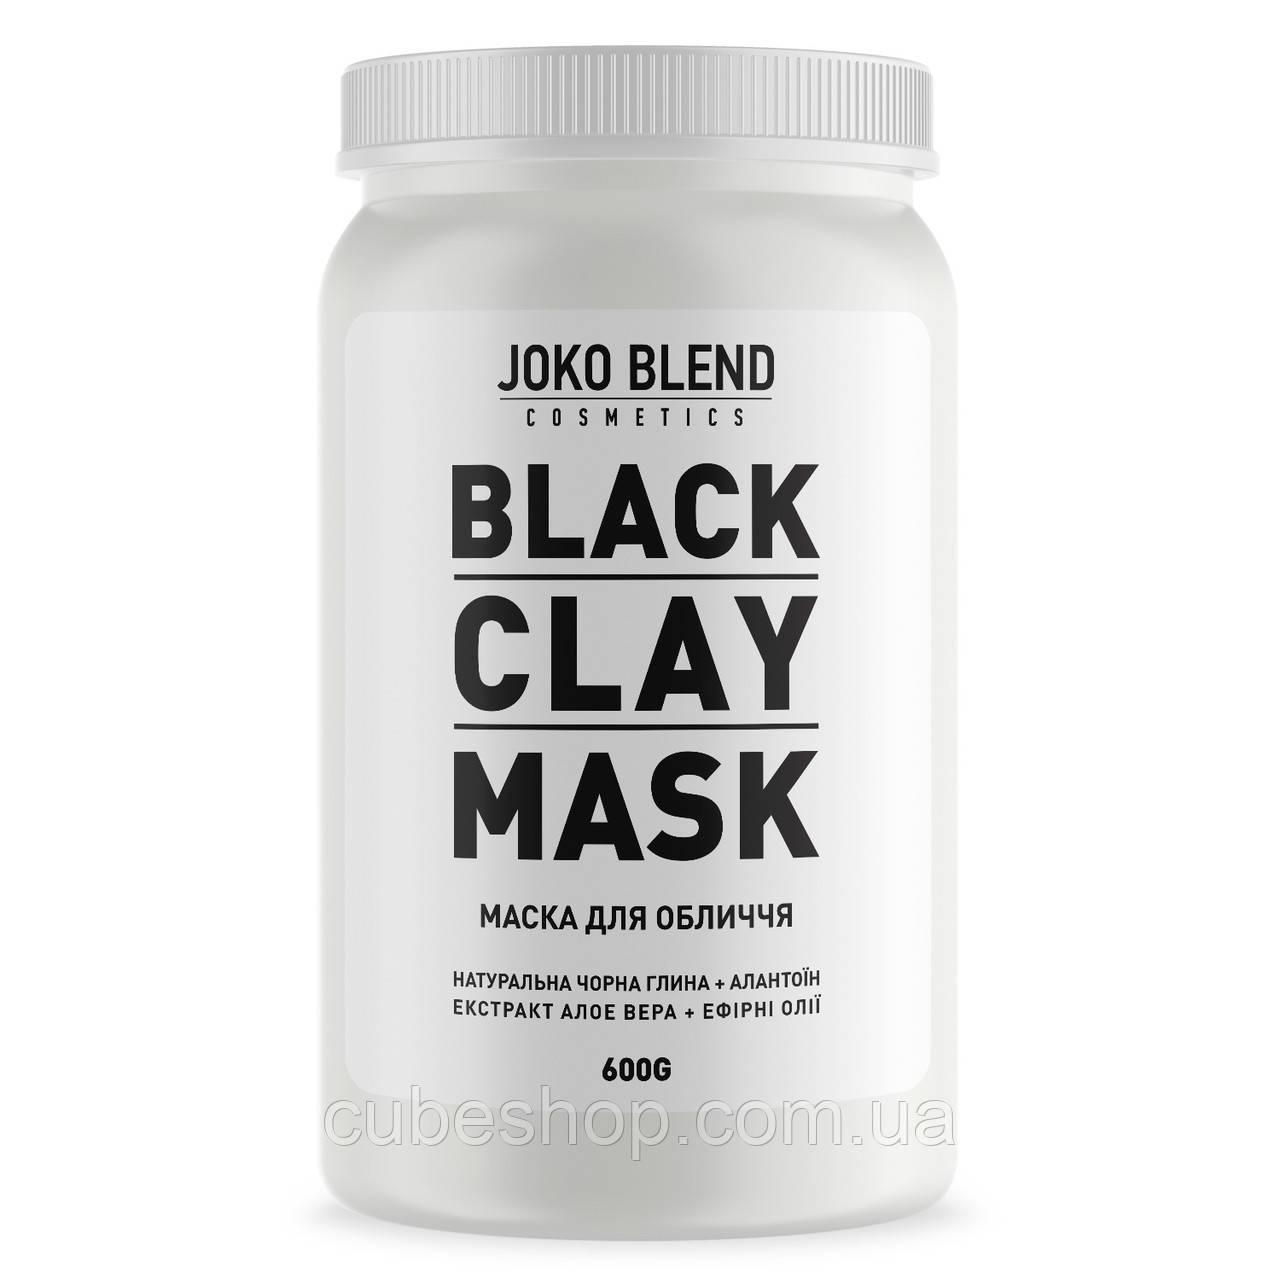 Черная глиняная маска для лица, 600 гр